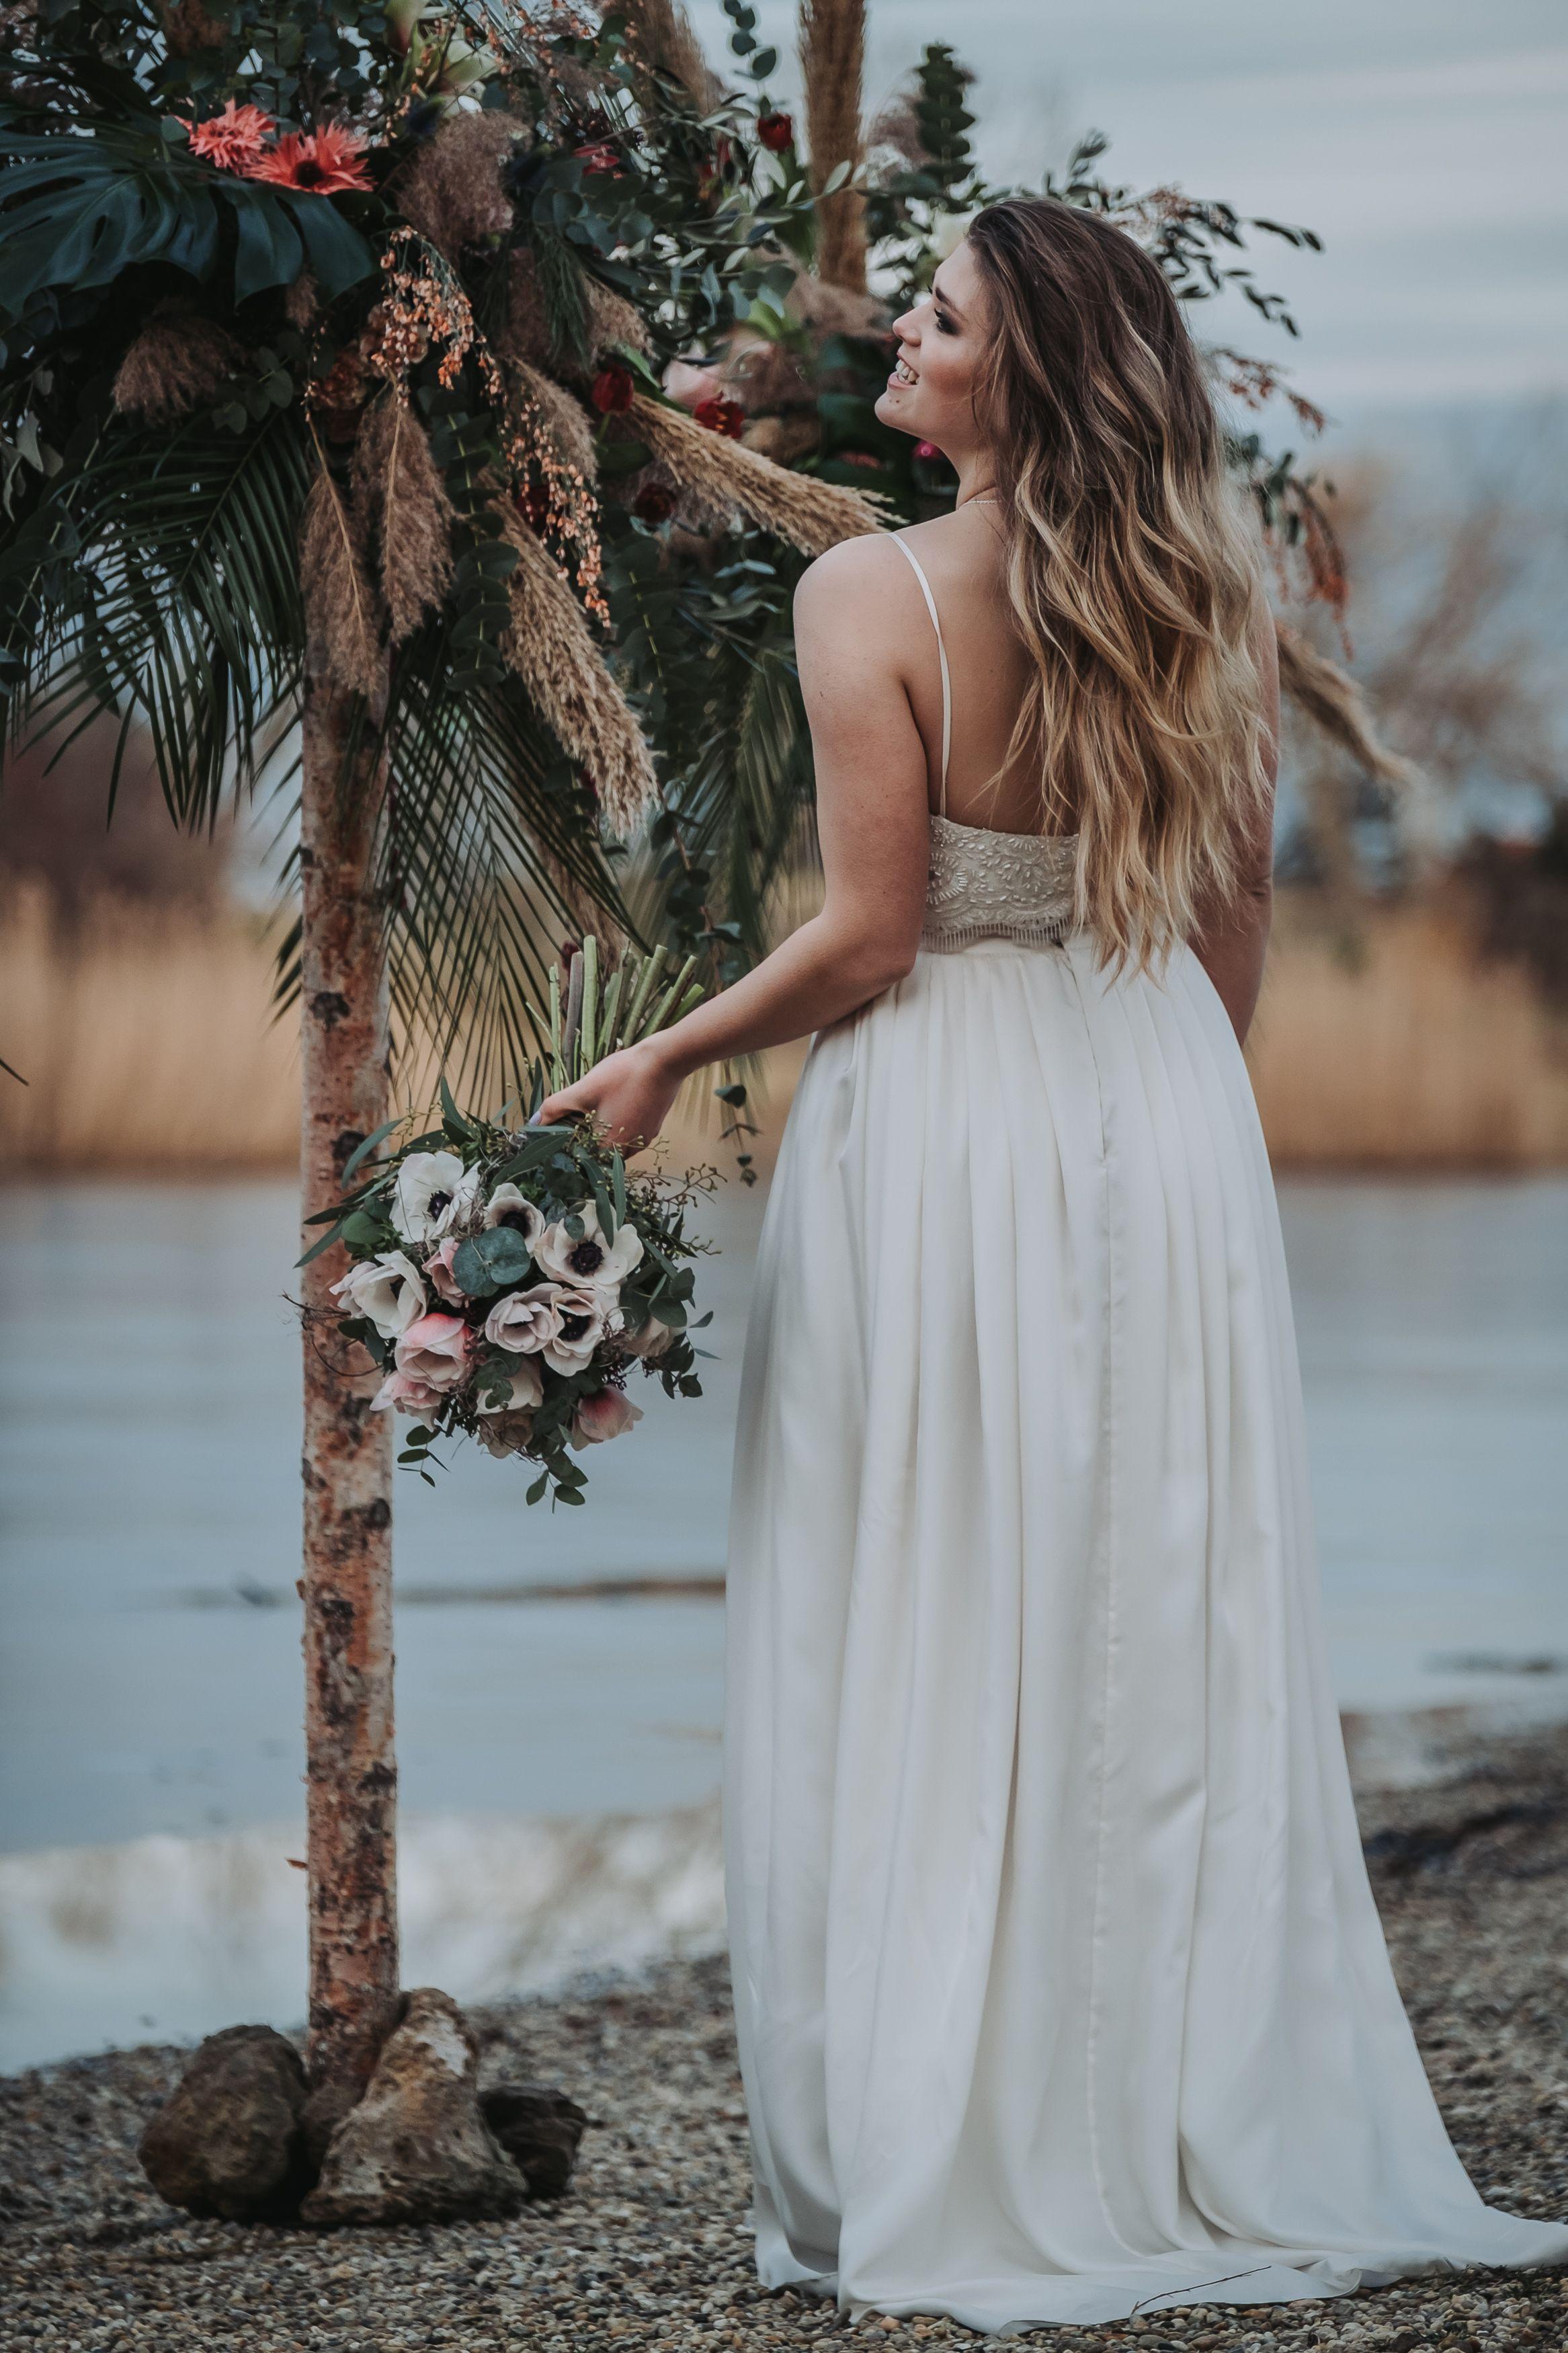 15-teiliges Brautkleid mit perlenbestickter Spitze, Rock aus Seide